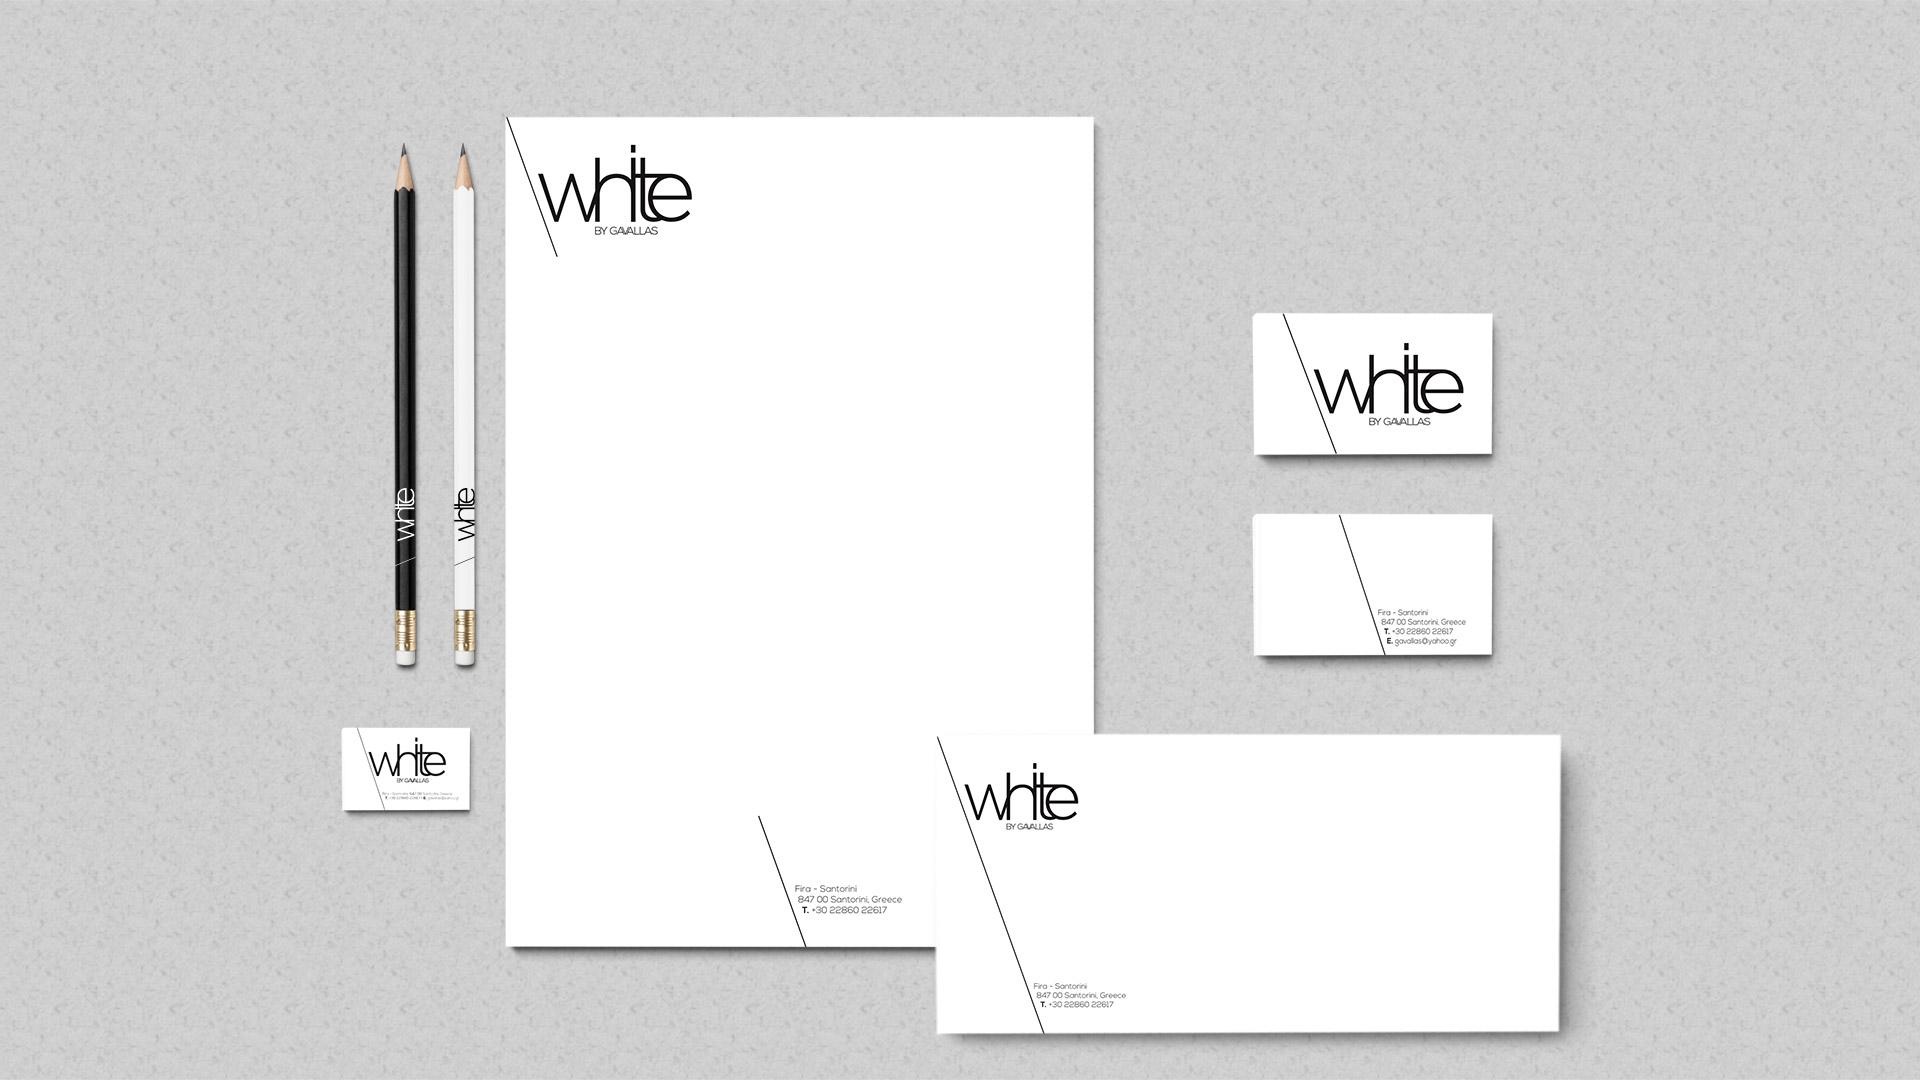 white_Identity